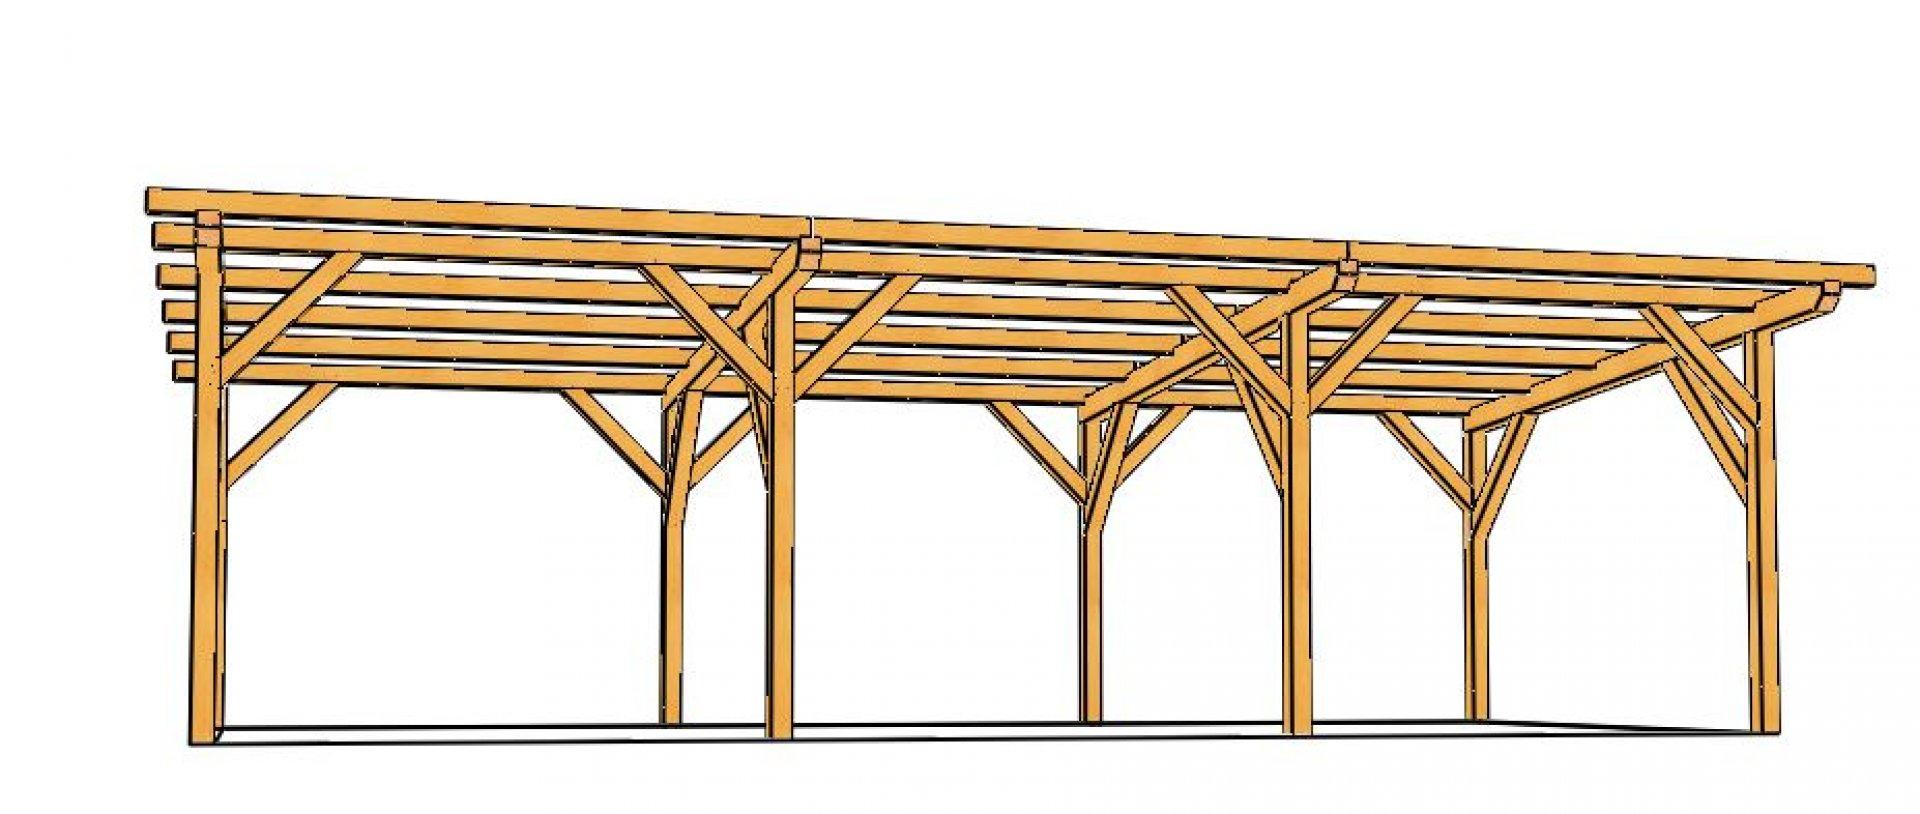 Hangar Bois Monopente (En Sapin Lamellé Collé) À Monter En Kit pour Abri Bois En Kit